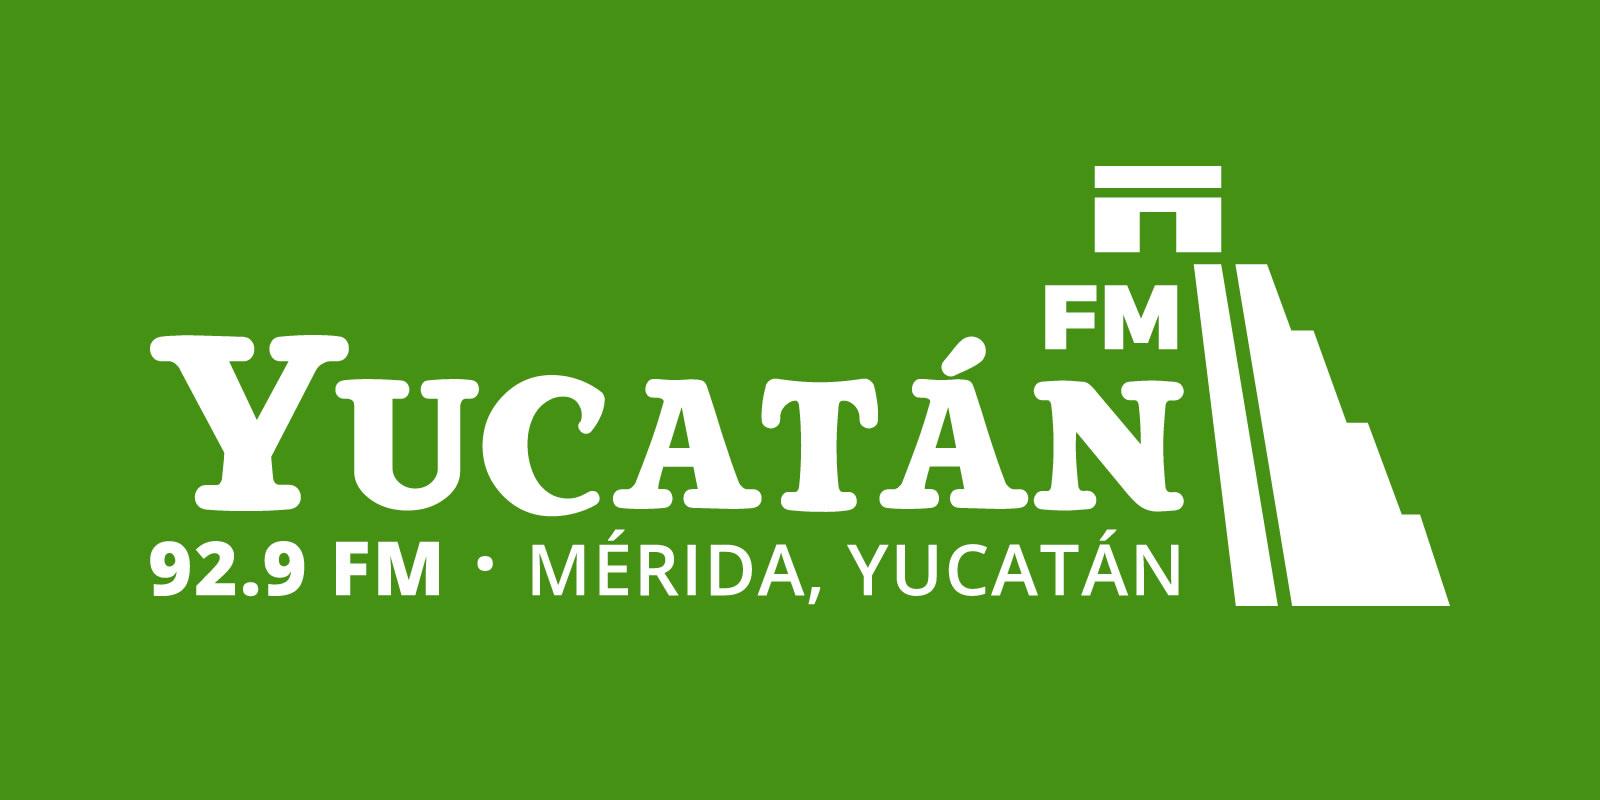 Yucatan FM 92.9 FM